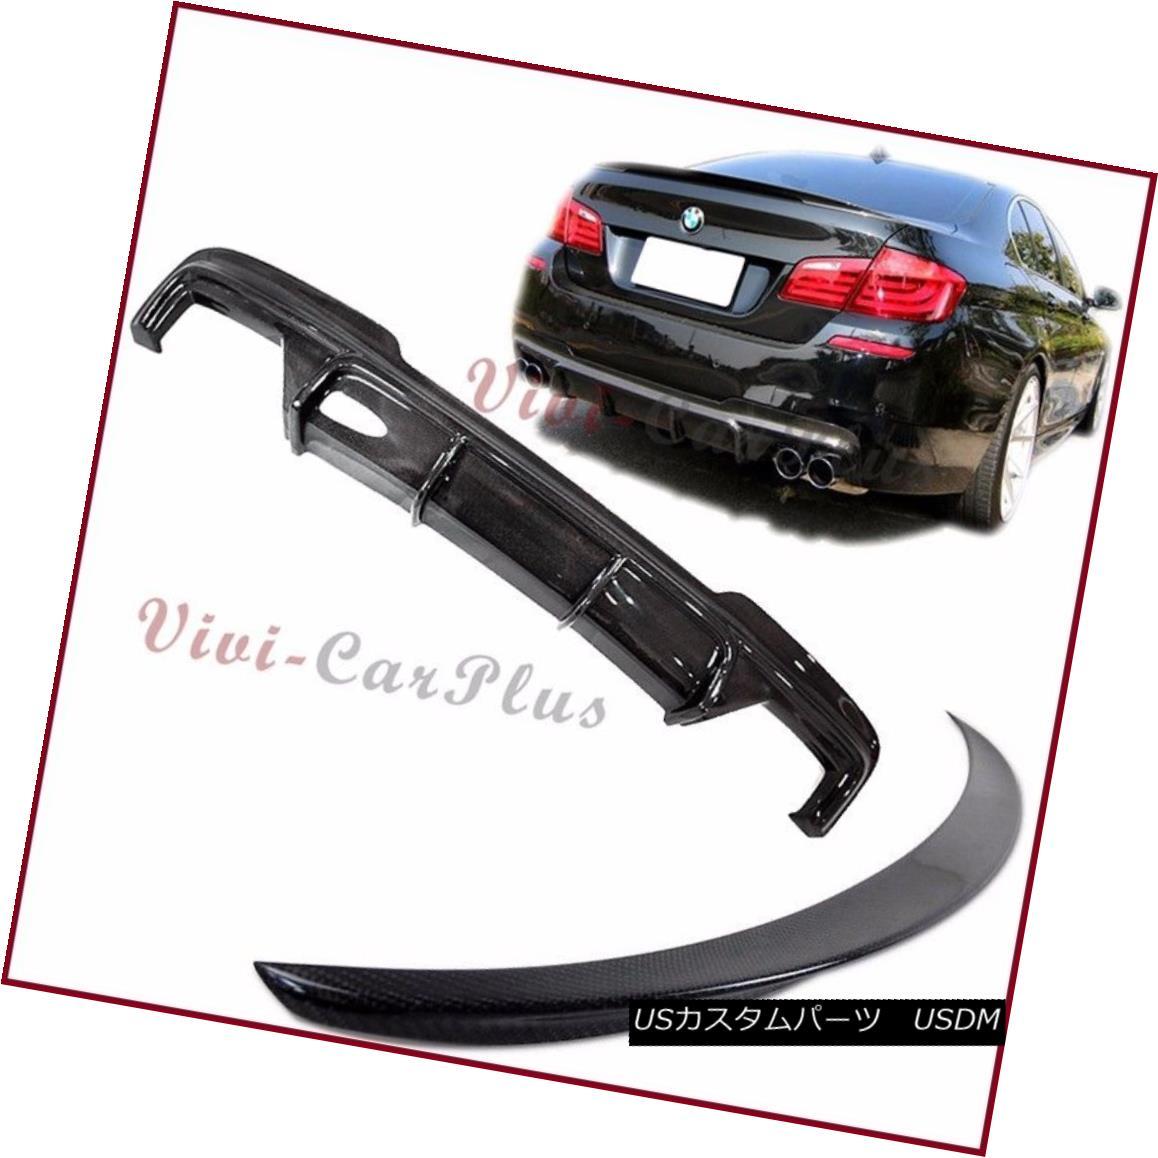 エアロパーツ Combo Carbon Fiber V Type Diffuser & Trunk Spoiler 11-15 BMW F10 M Sporty Bumper コンボカーボンファイバーV型ディフューザー& トランク・スポイラー11-15 BMW F10 Mスポーティー・バンパー